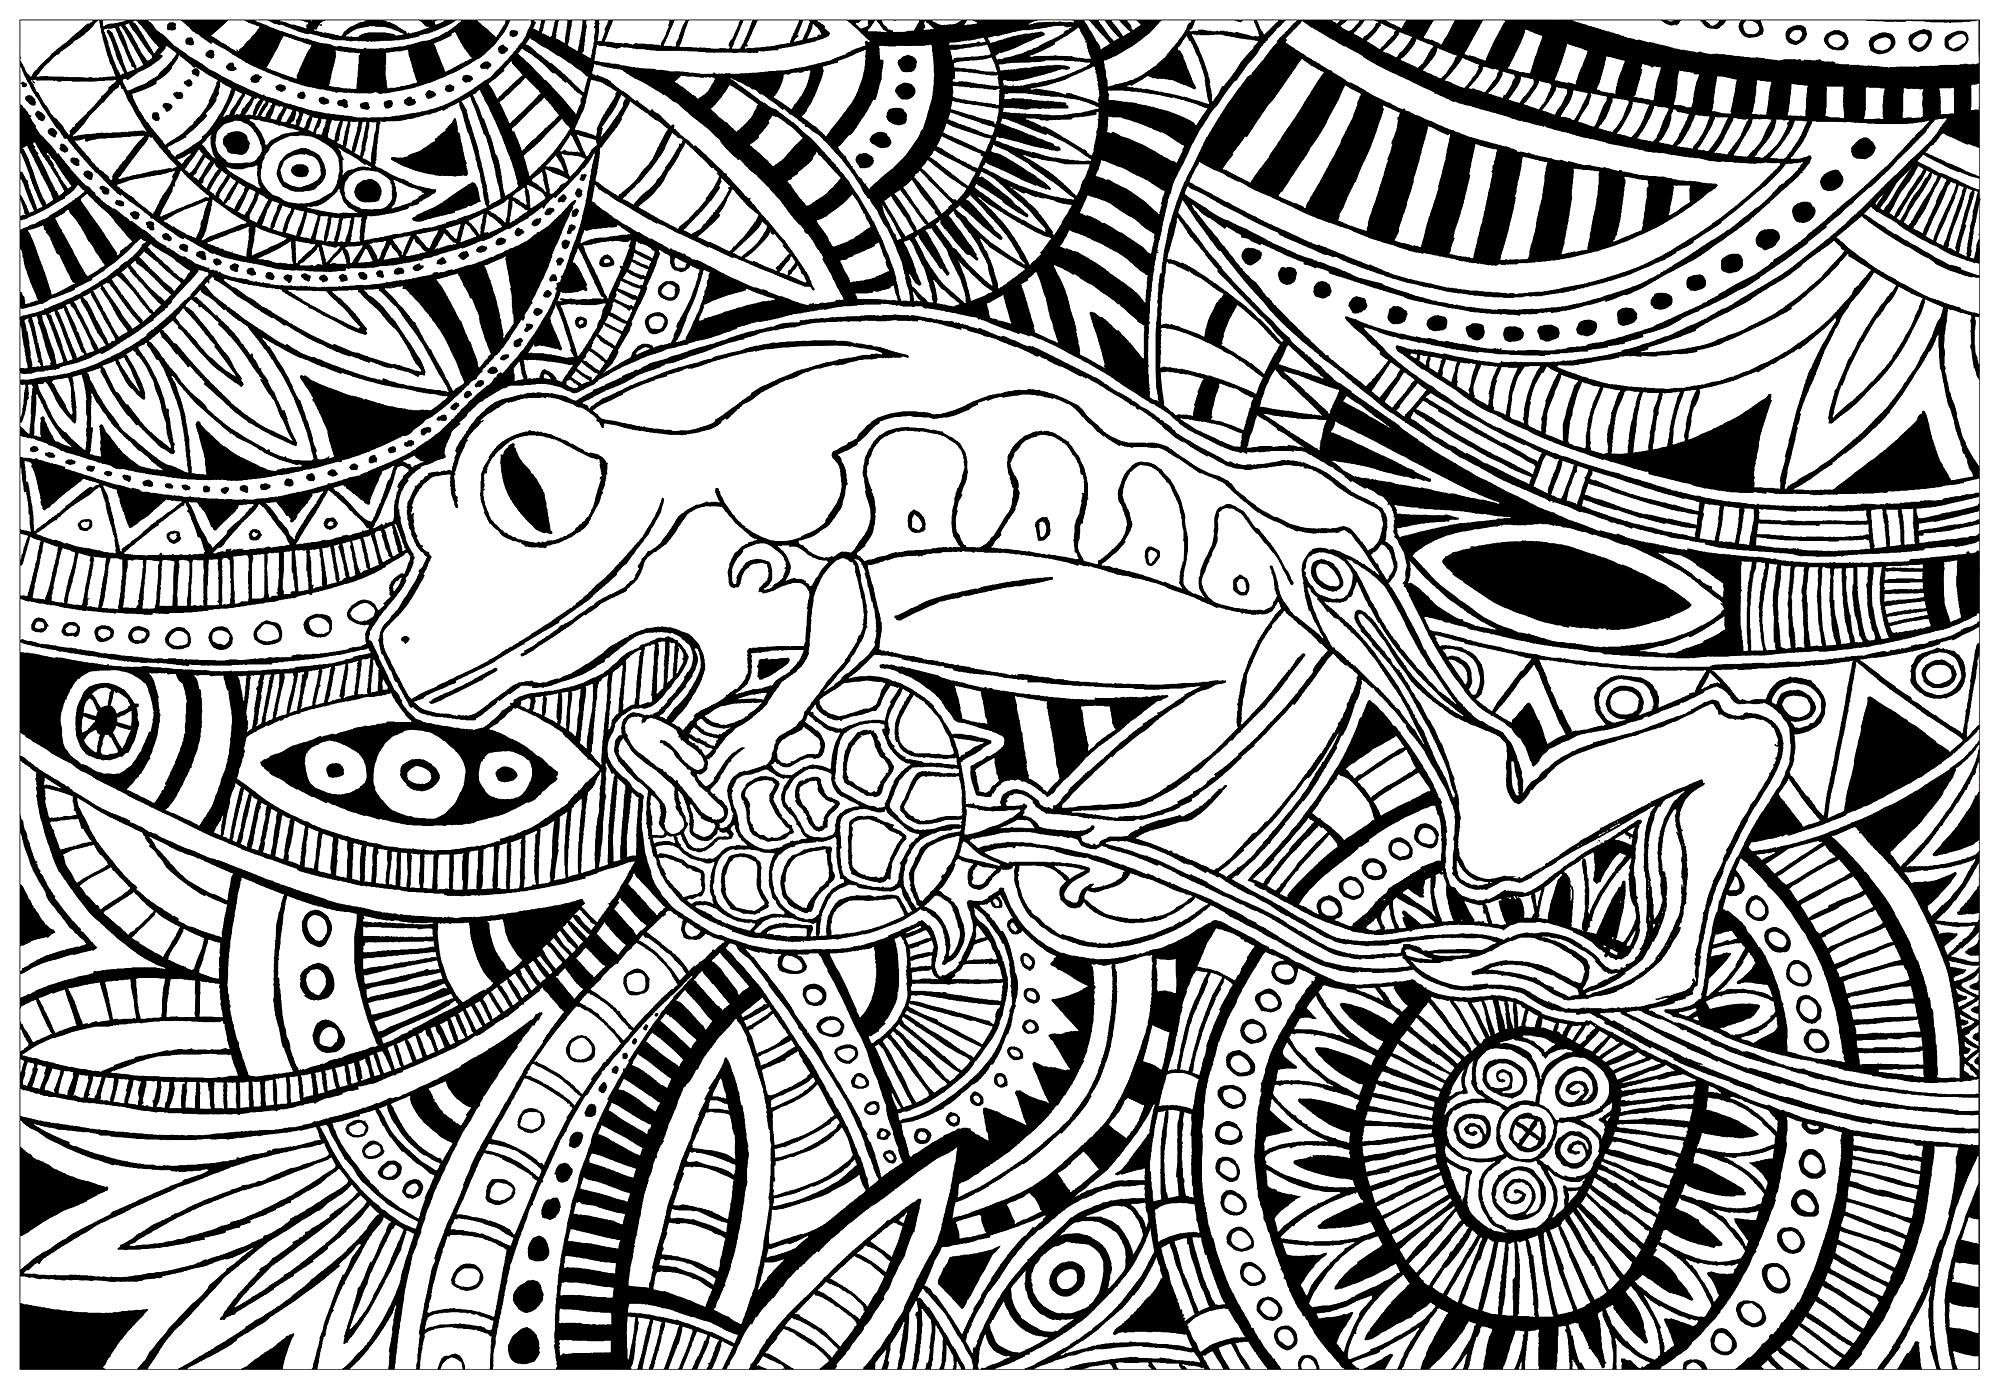 Magnifique grenouille avec fond plein de motifs complexes